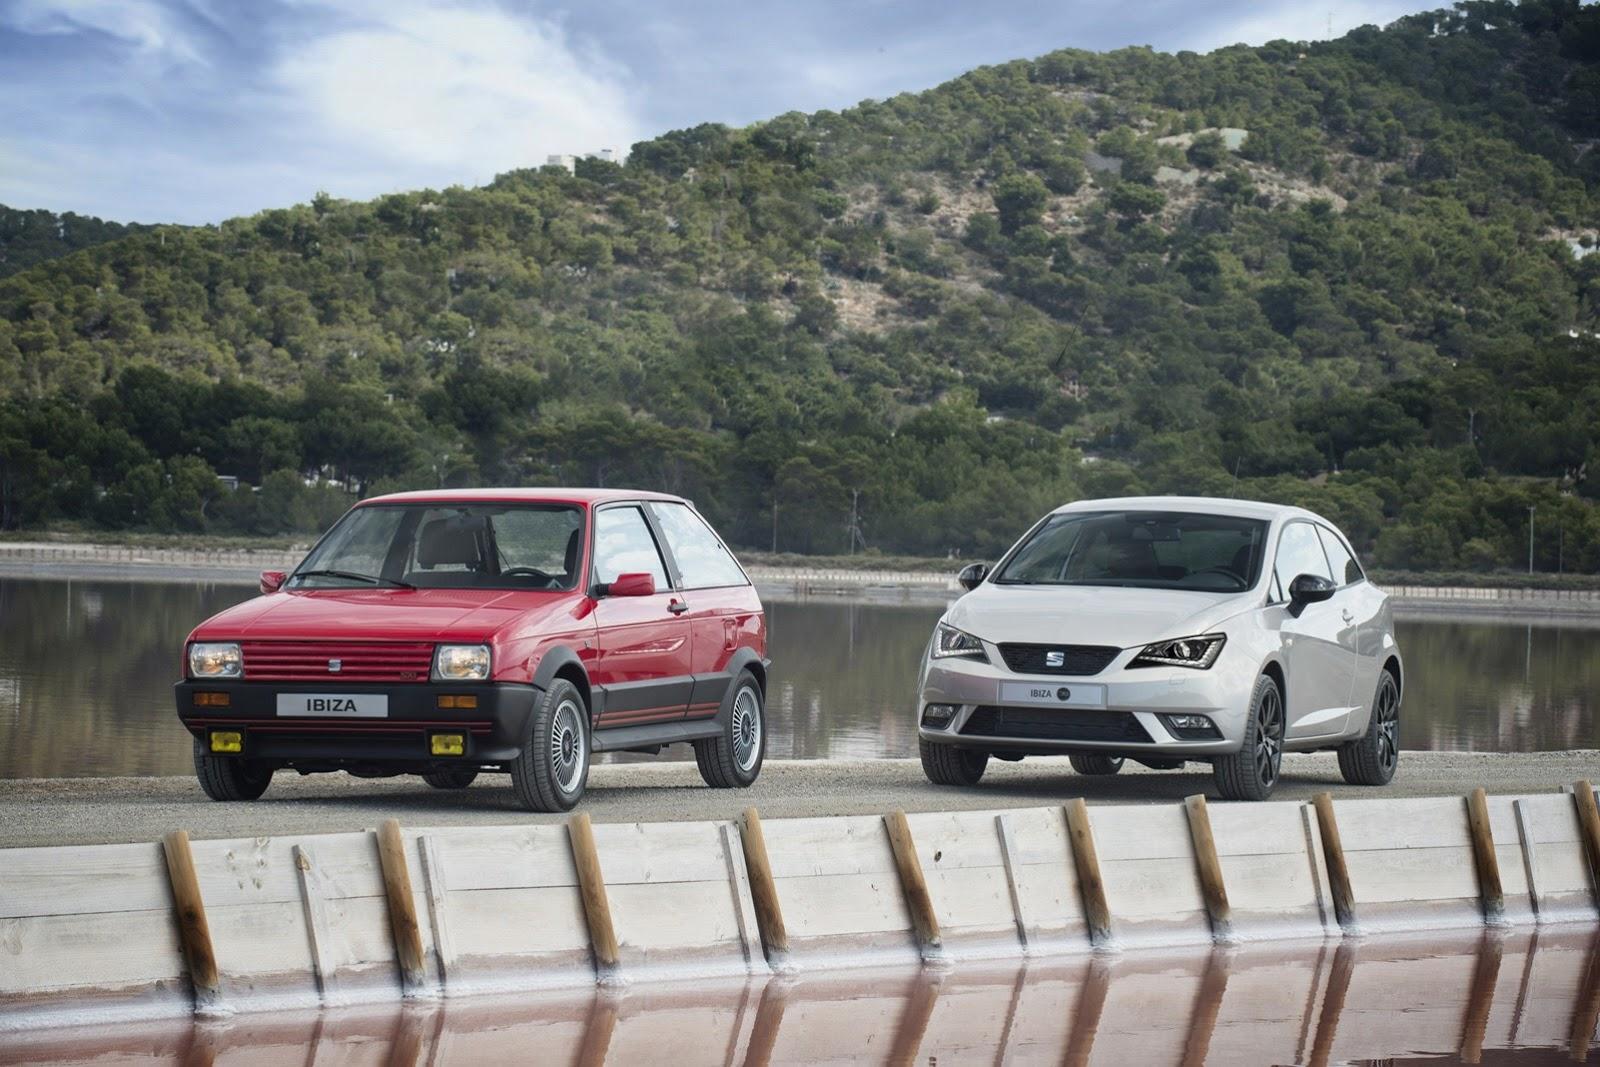 Первый SEAT Ibiza и юбилейный в честь 30-летия